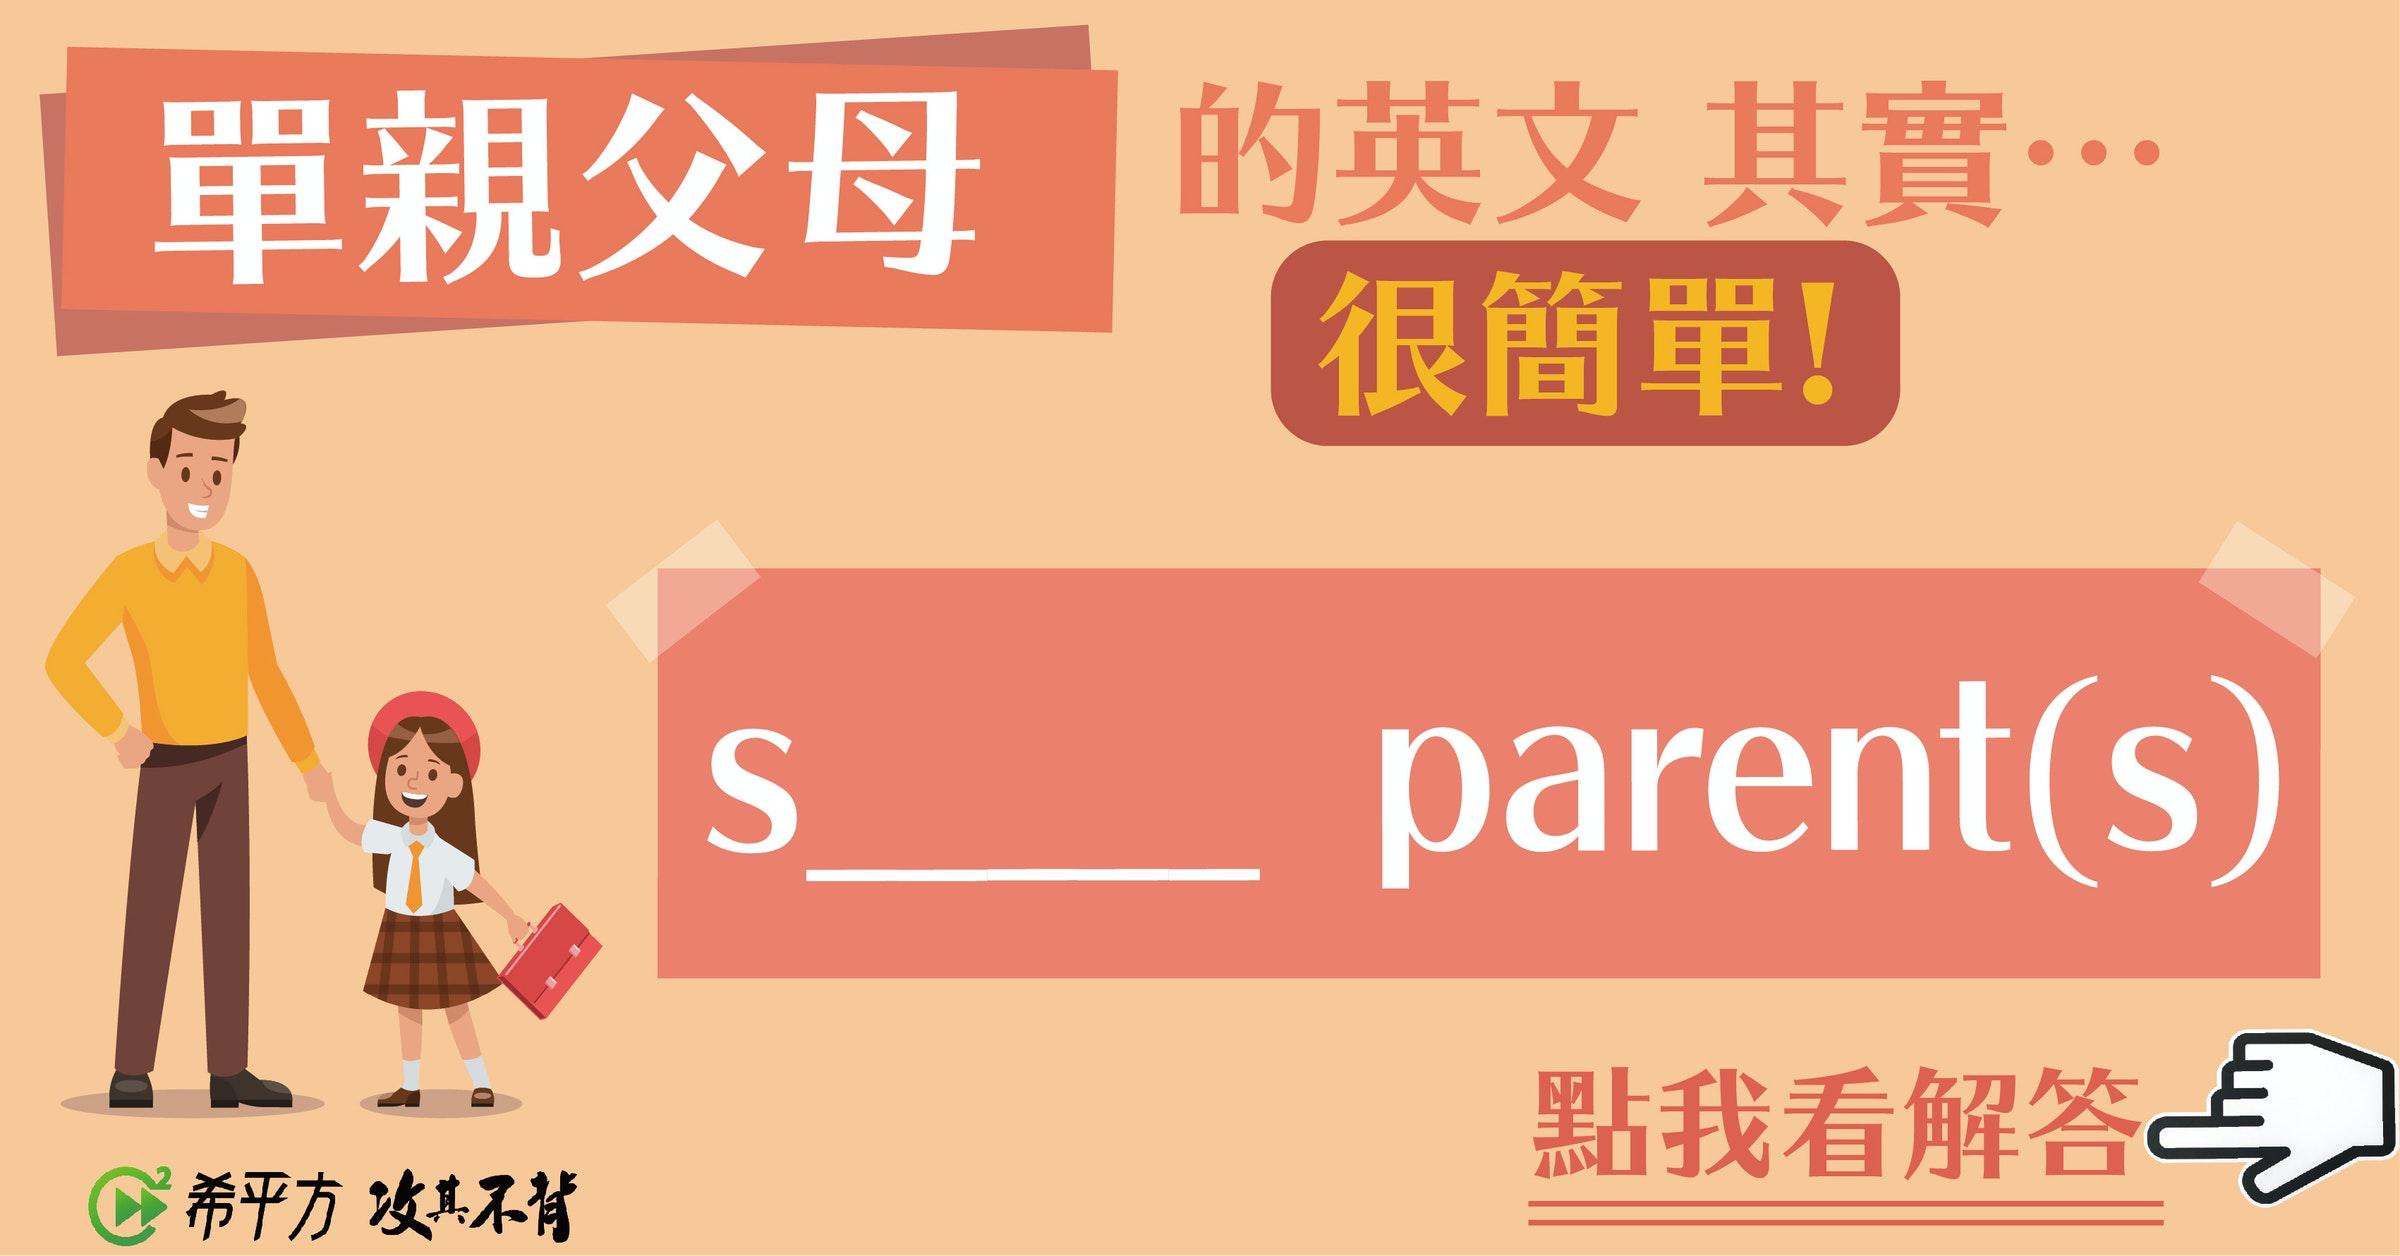 照片中提到了單親父母的英文 其實…、很簡單!、S_ parent(s),包含了橙子、旗幟、聯合、牌、動畫片